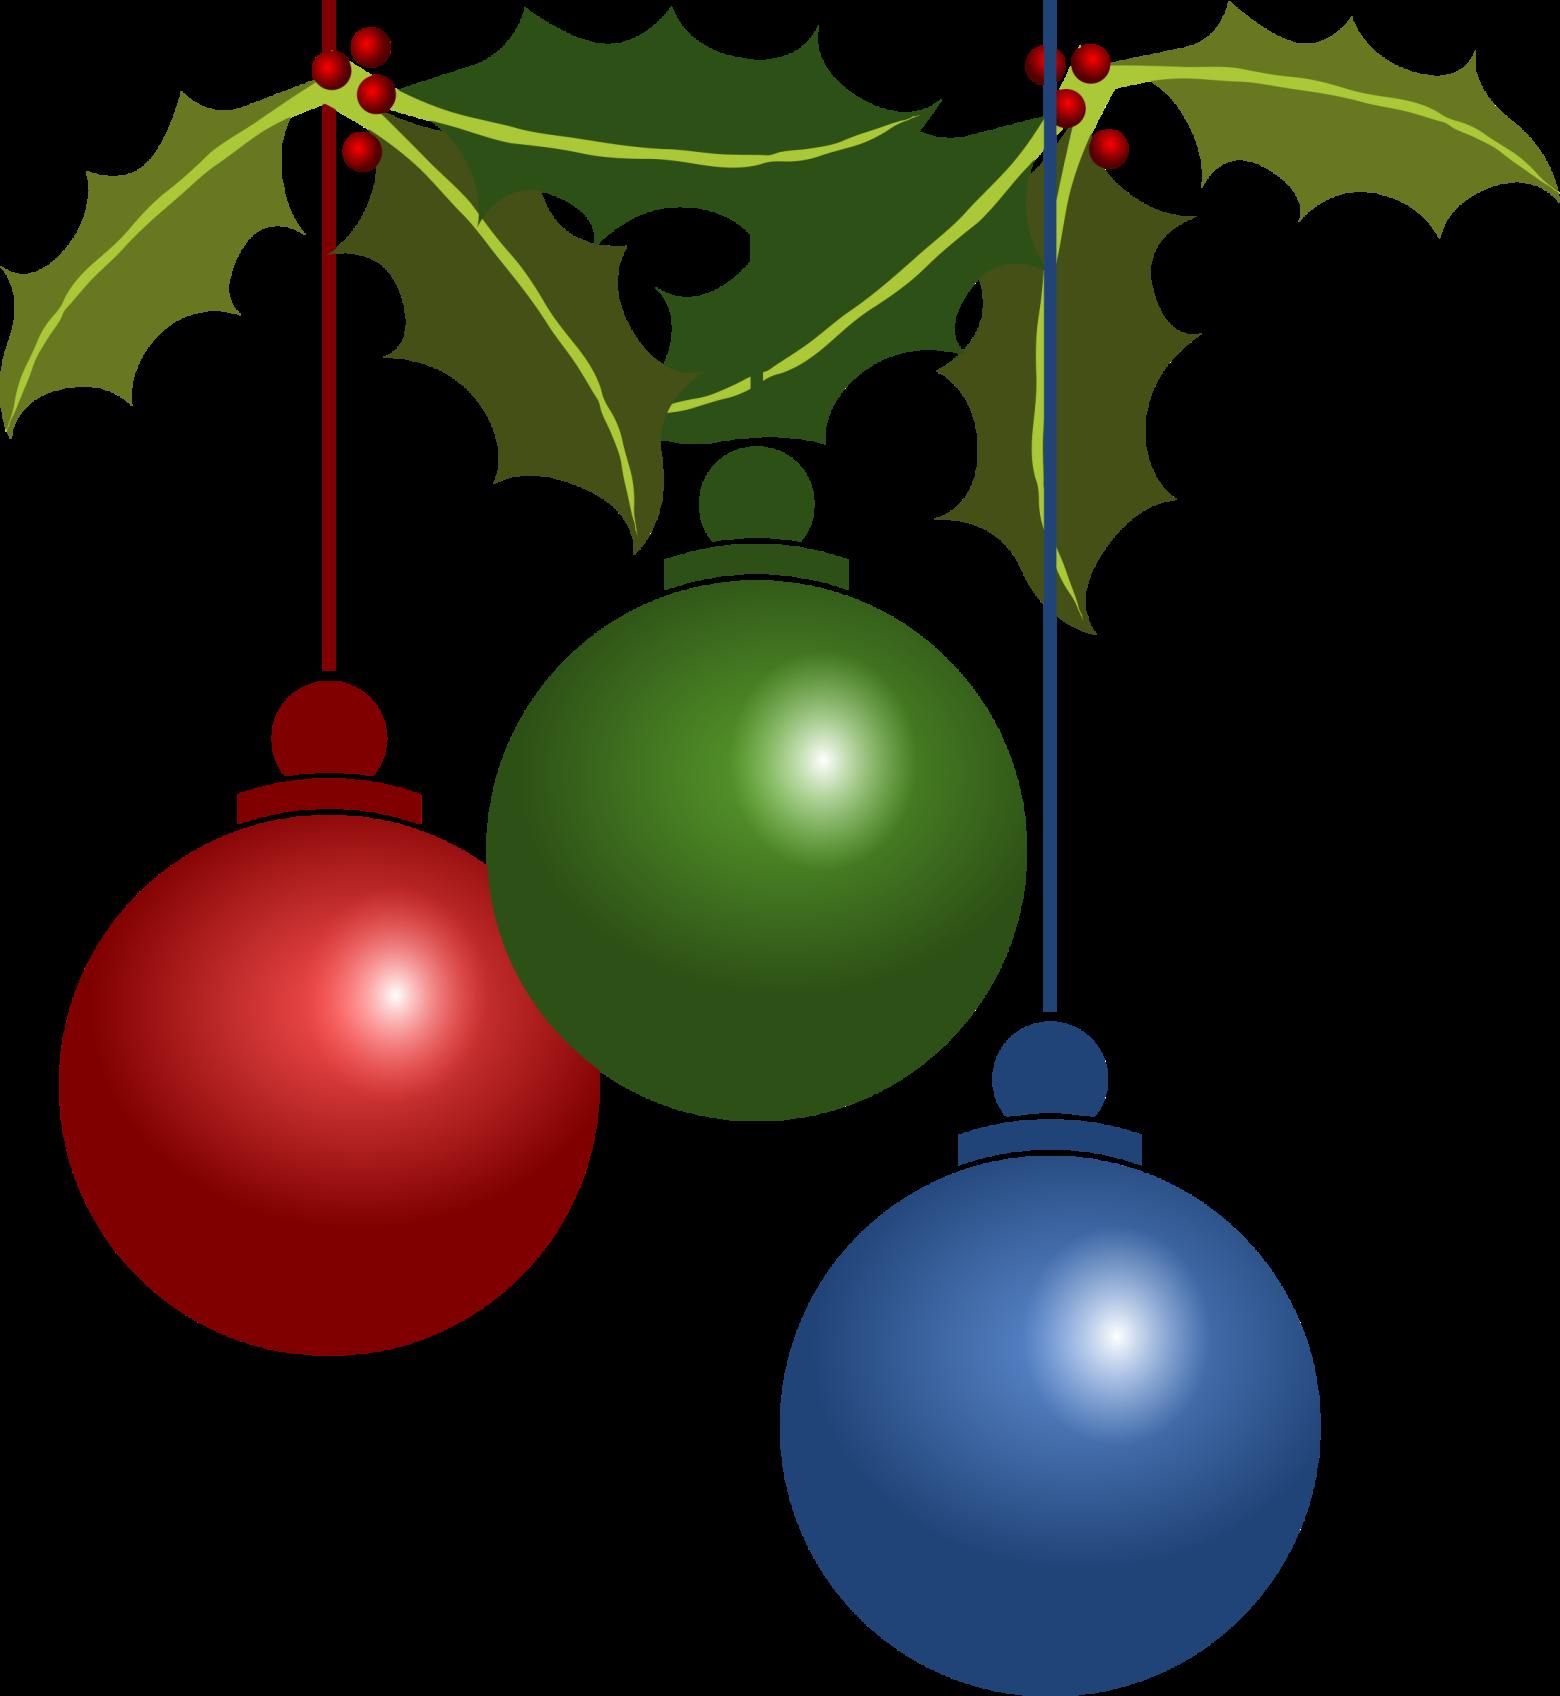 clipart christmas noel | images gratuites et libres de droits